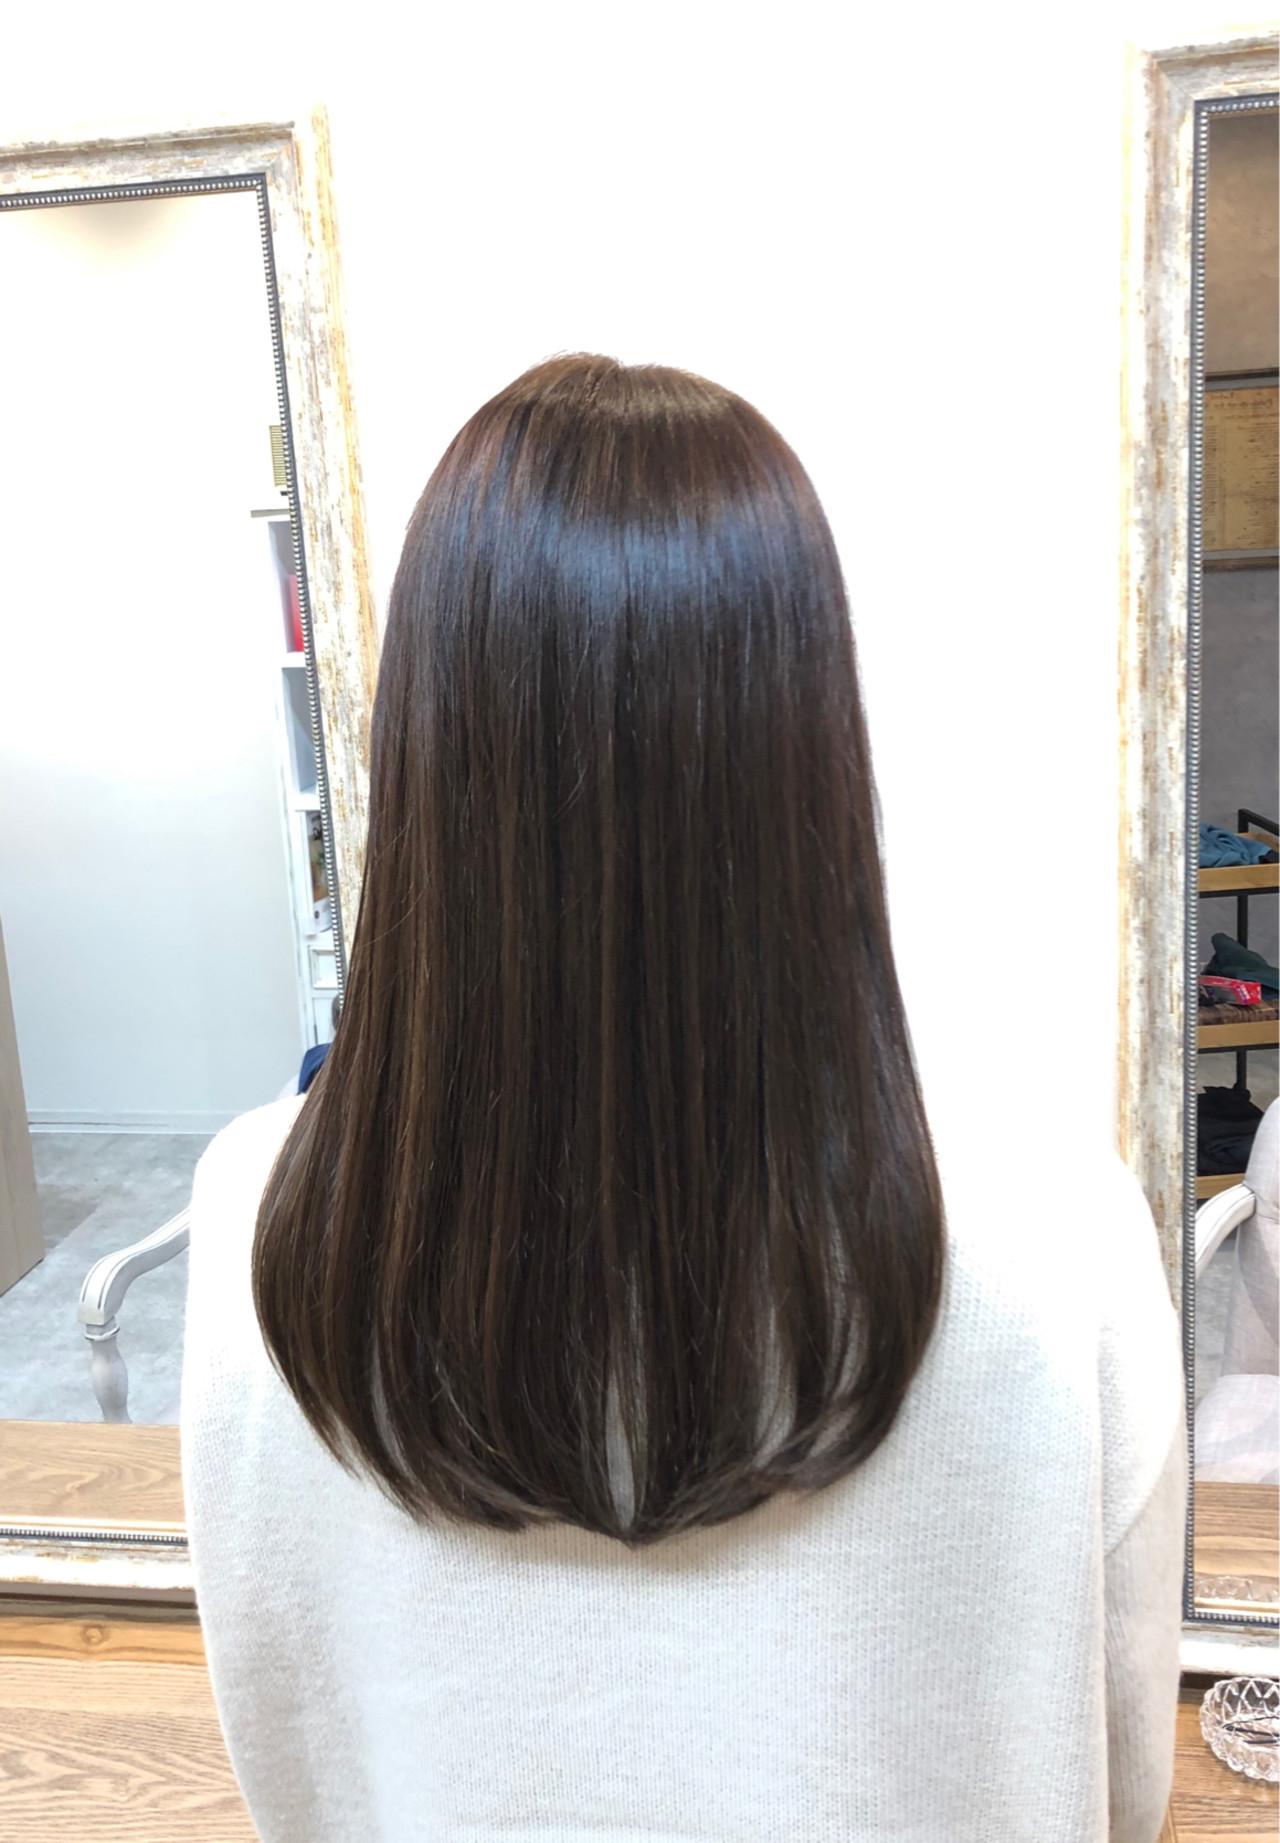 オフィス ナチュラル 外国人風カラー セミロング ヘアスタイルや髪型の写真・画像 | oki / hair&head spa  elly